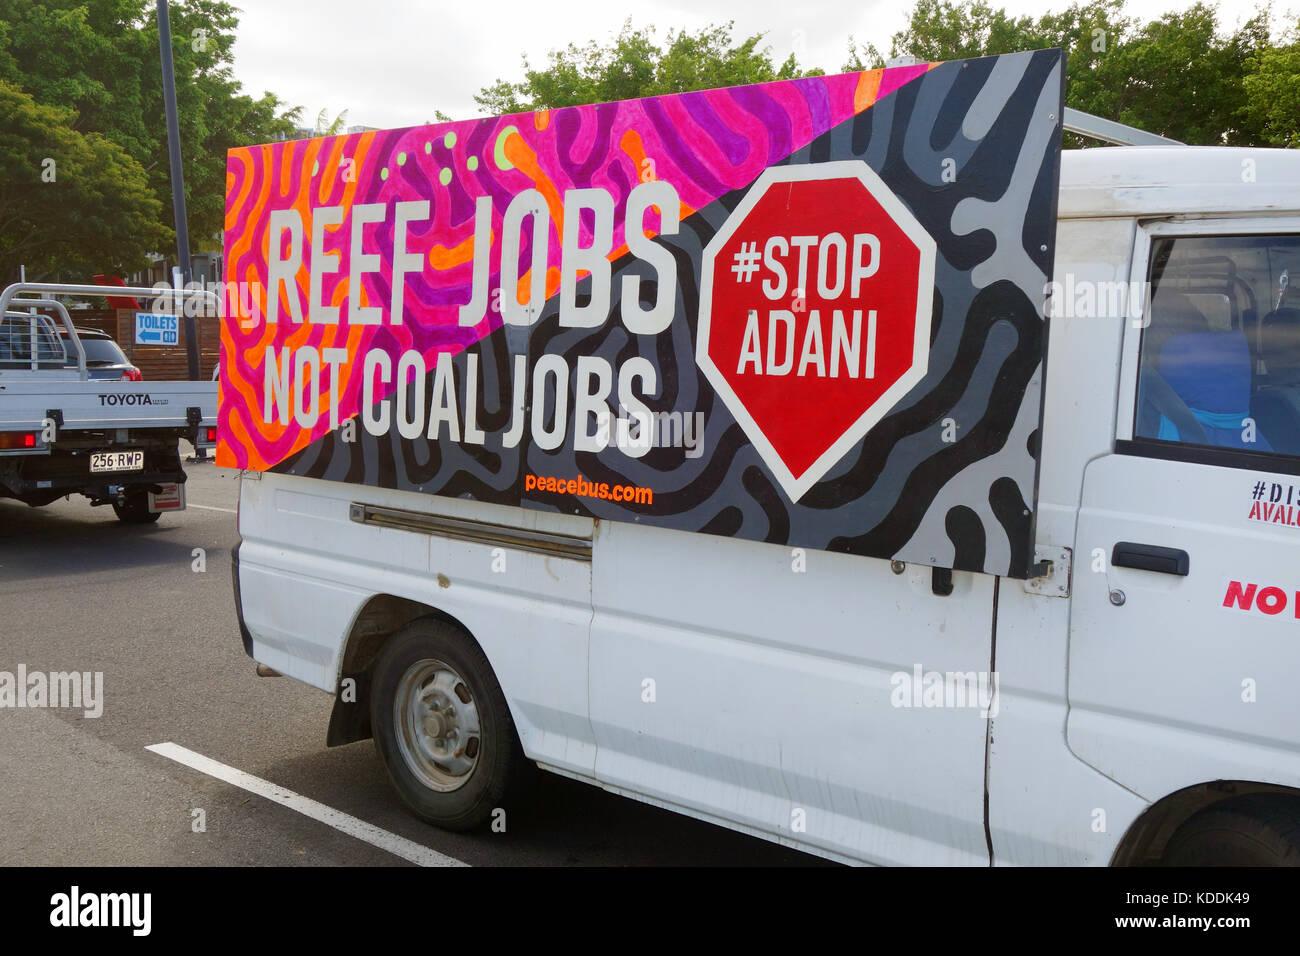 Arrestare Adani sulla targhetta sul passaggio di van, Cairns, Queensland, Australia. N. PR Immagini Stock